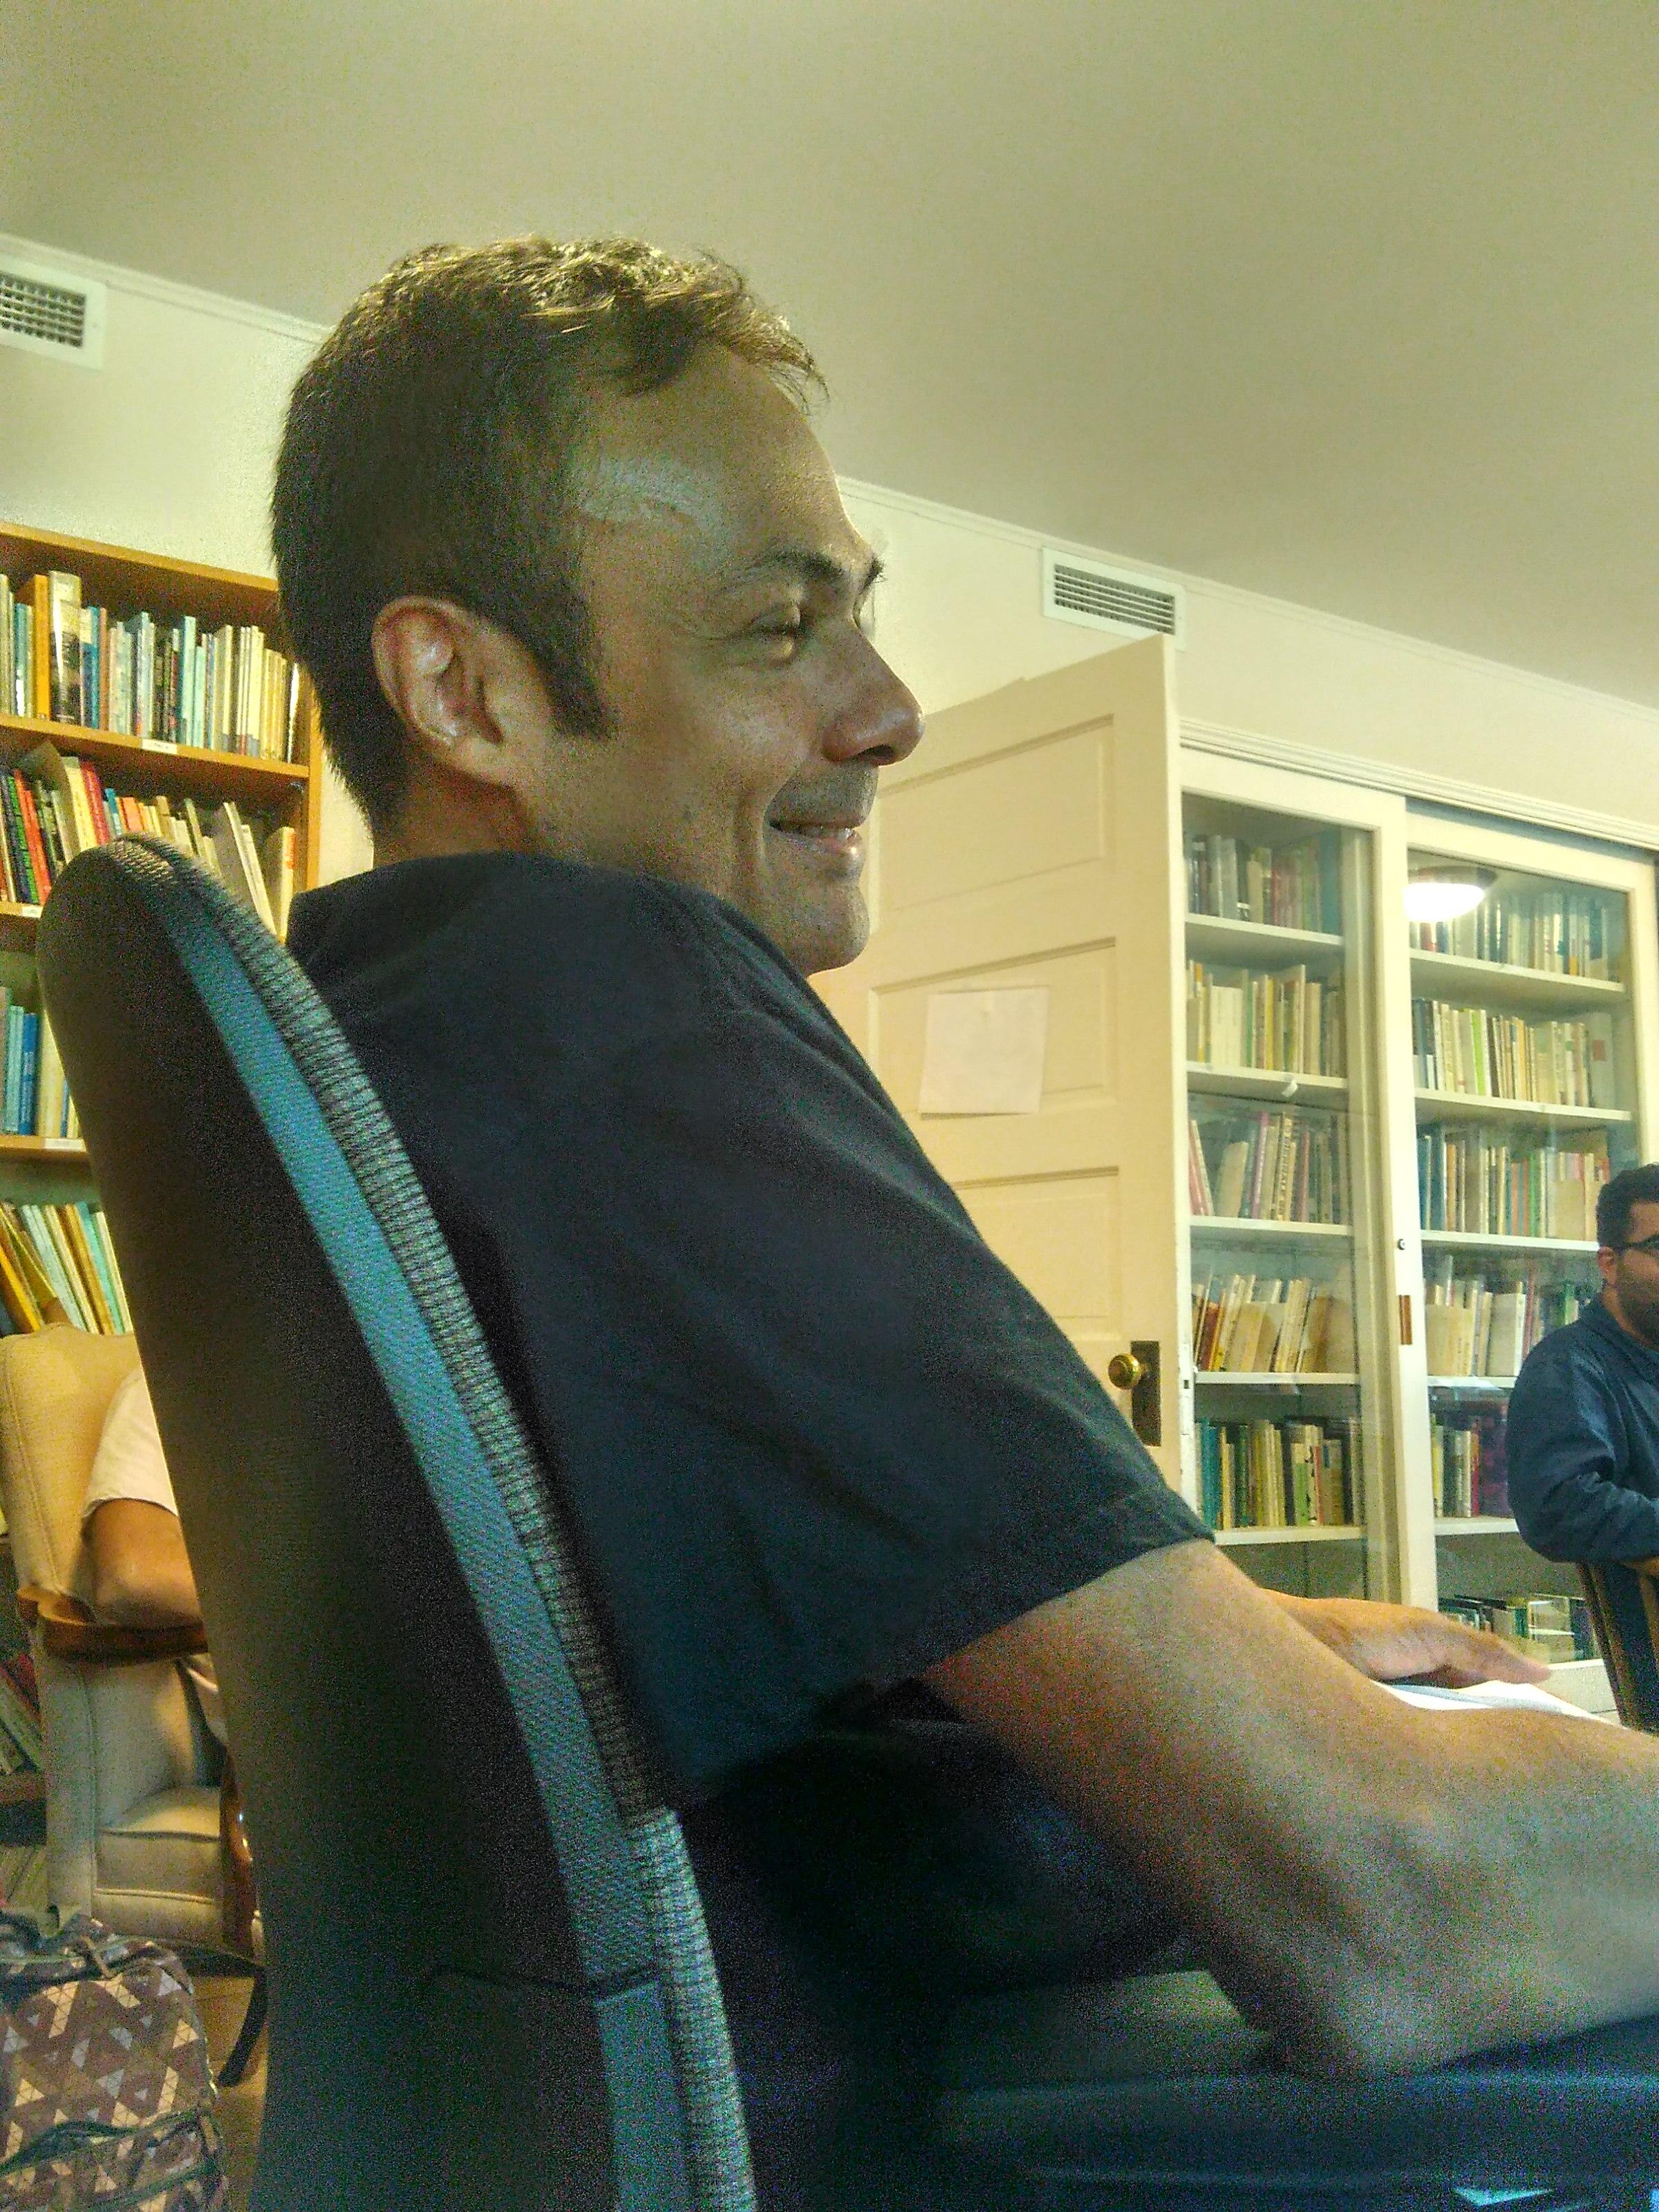 委內瑞拉作家Roberto Echeto身處愛荷華大學翻譯工作坊上。